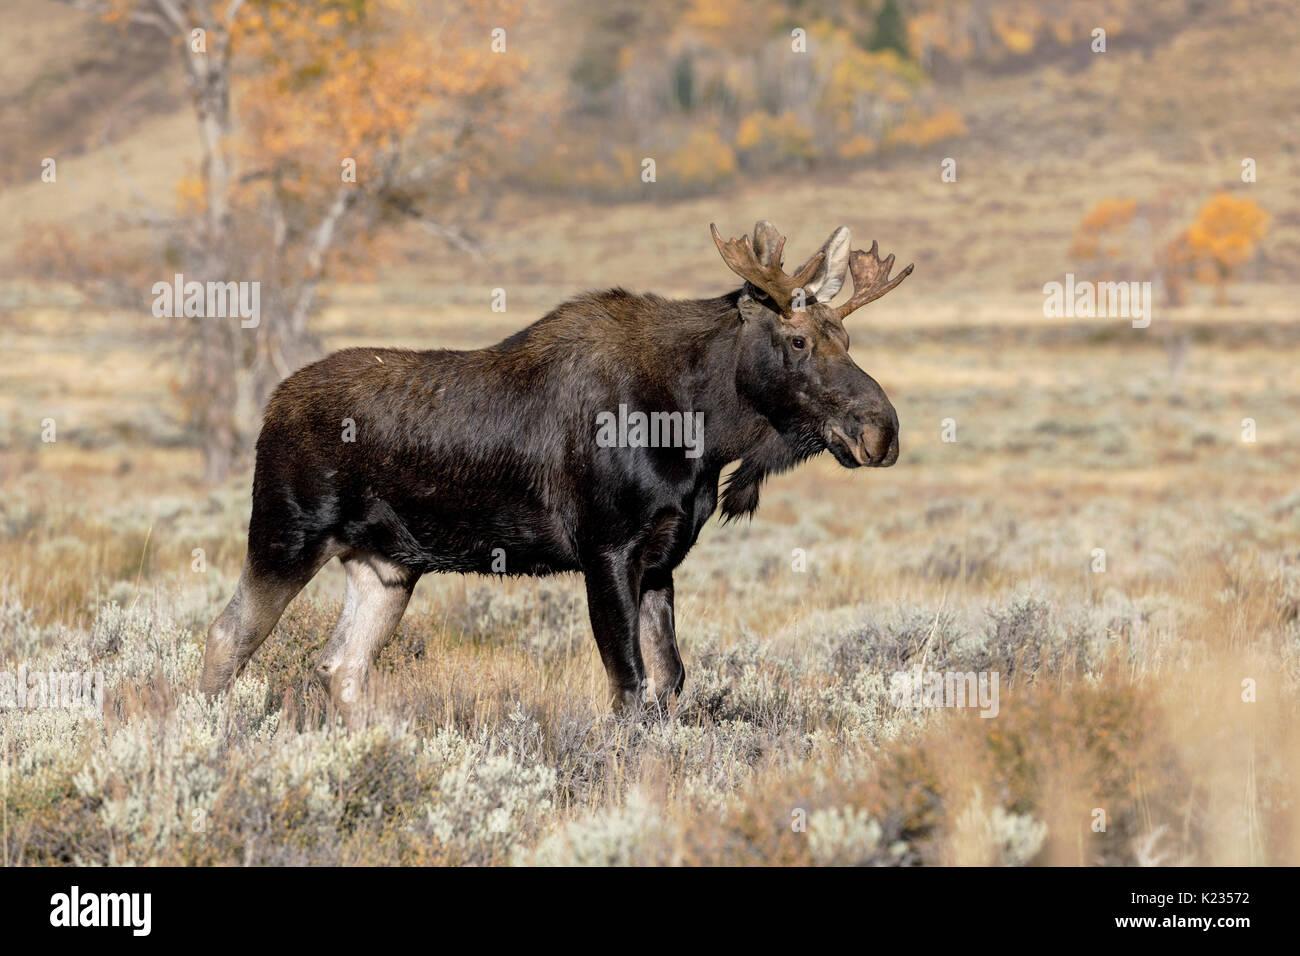 Bull Moose - Stock Image